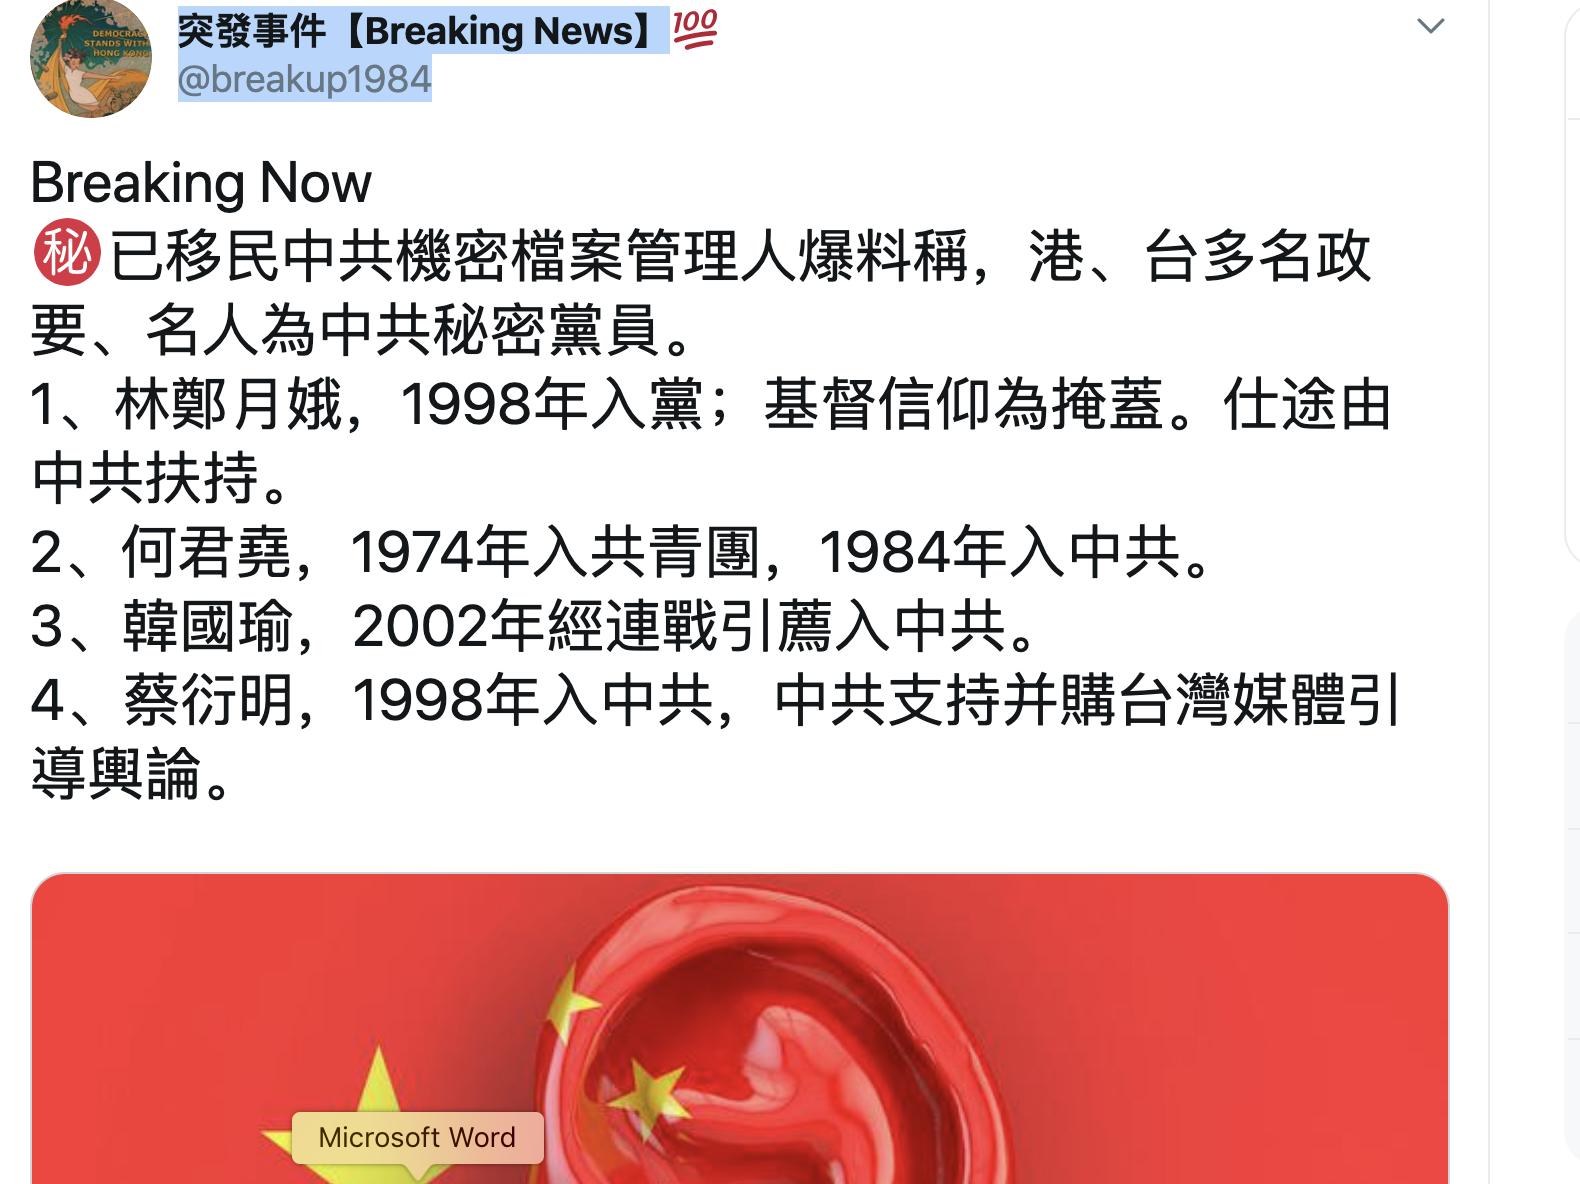 推特帳號「突發事件【Breaking News】」16日發推文稱,已移民的中共機密檔案管理人爆料透露,特首林鄭月娥於1998年入黨。(網絡截圖)